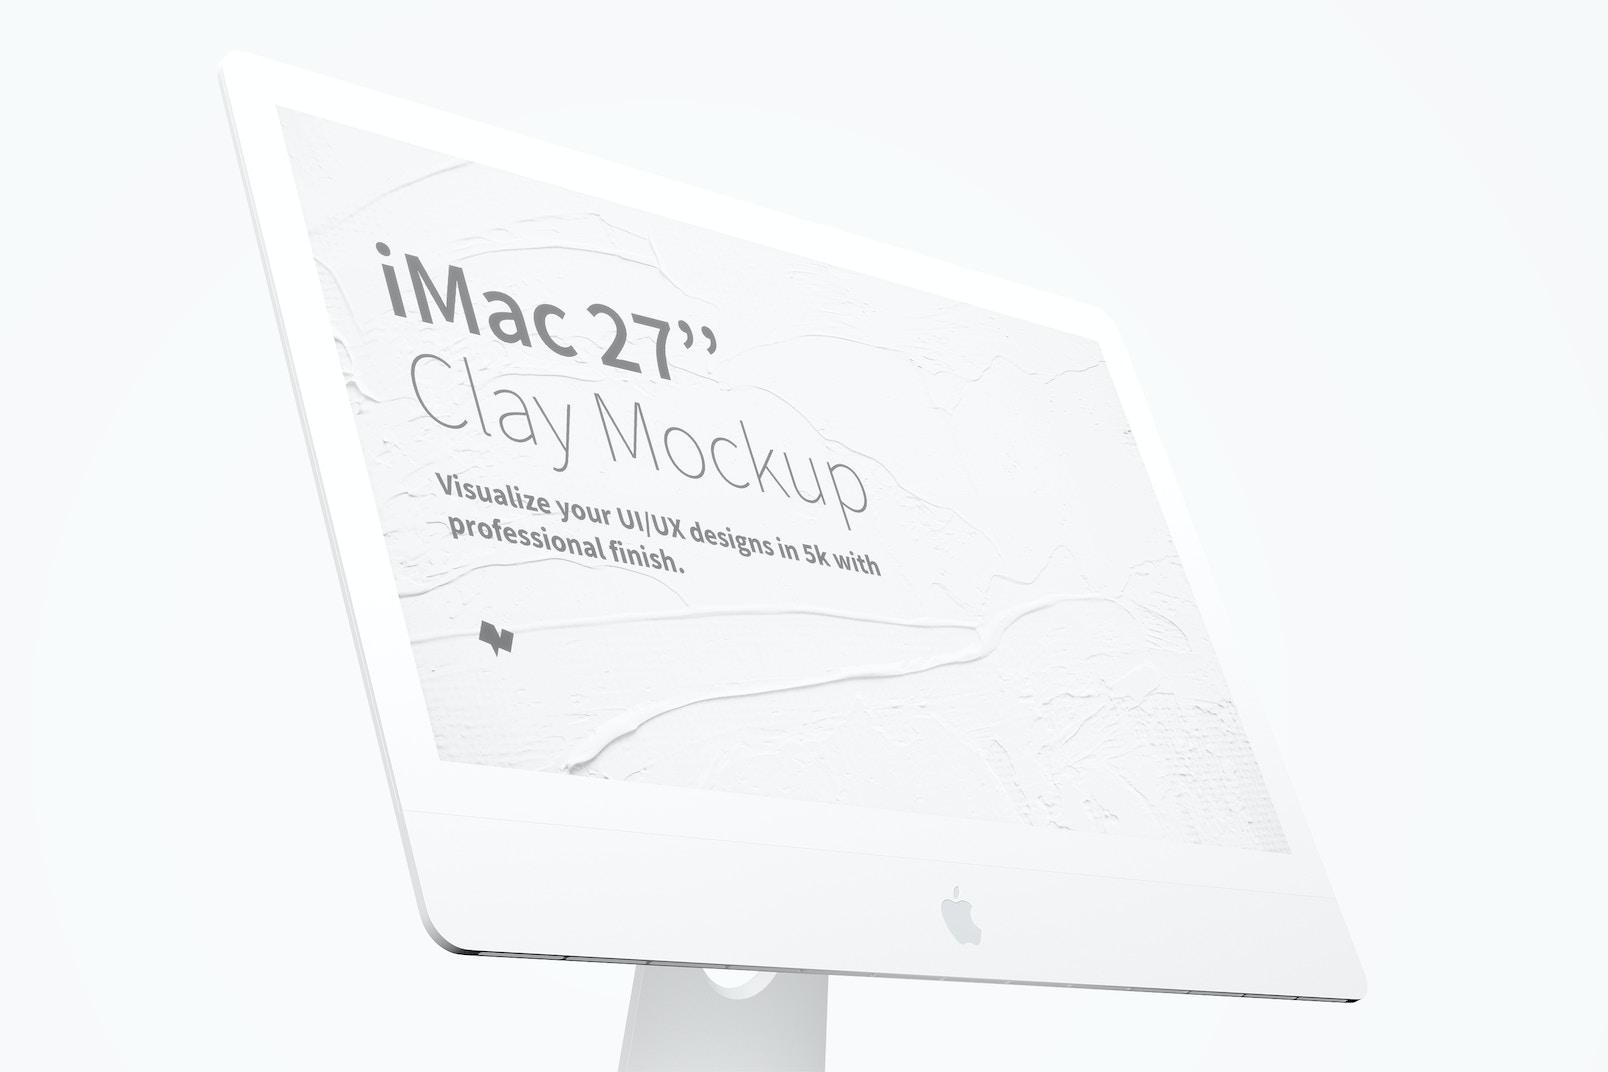 """Clay iMac 27"""" Mockup, Display Close Up"""